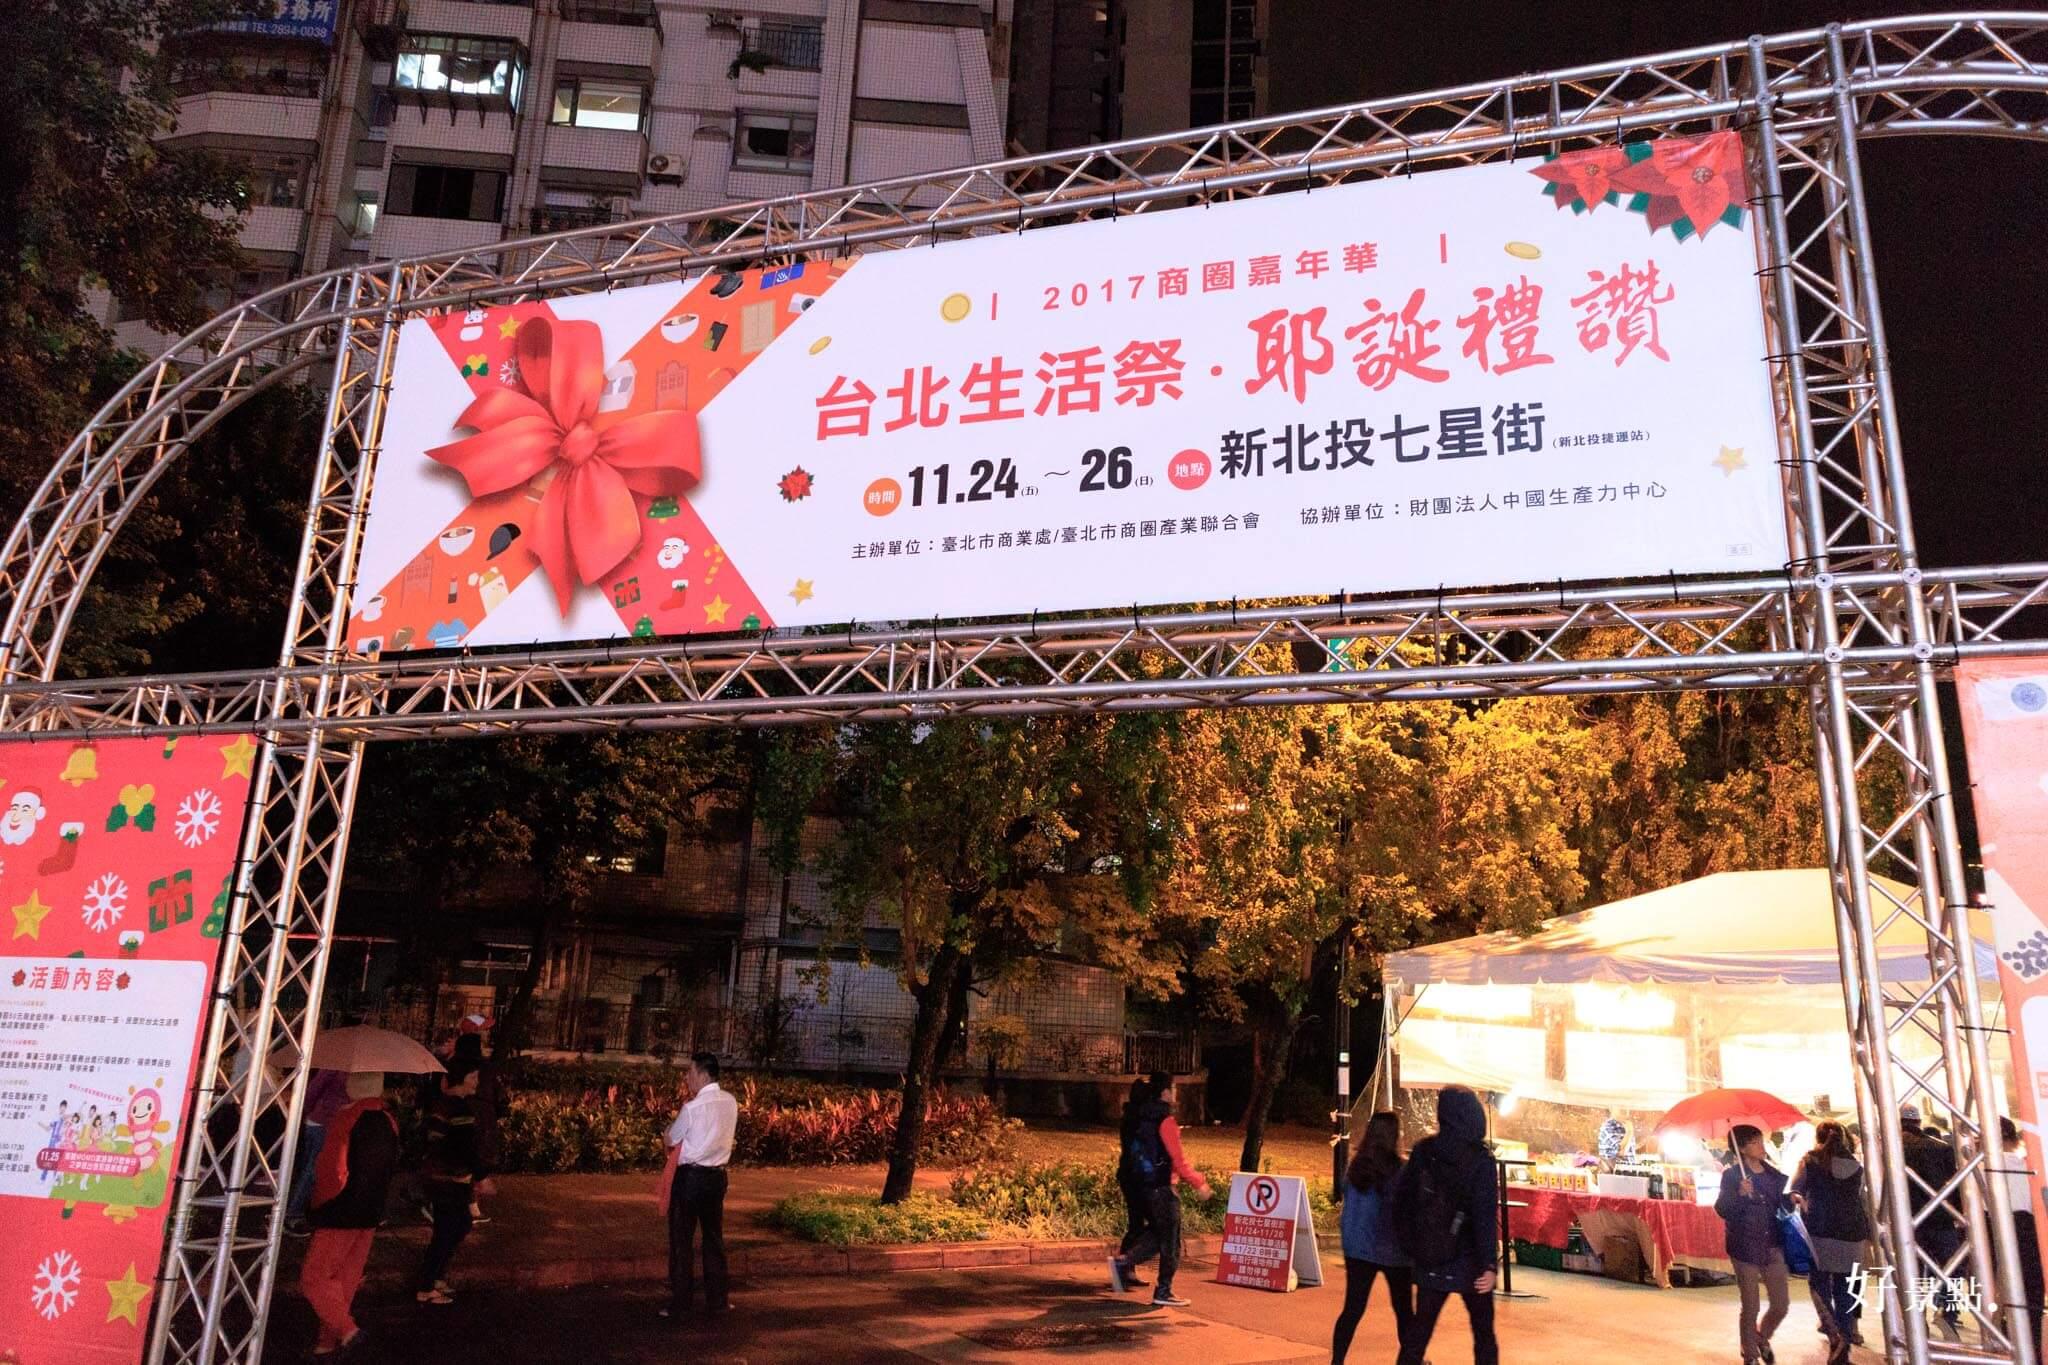  台北。北投 2017台北生活祭.耶誕禮讚/新北投車站溫泉聖誕樹